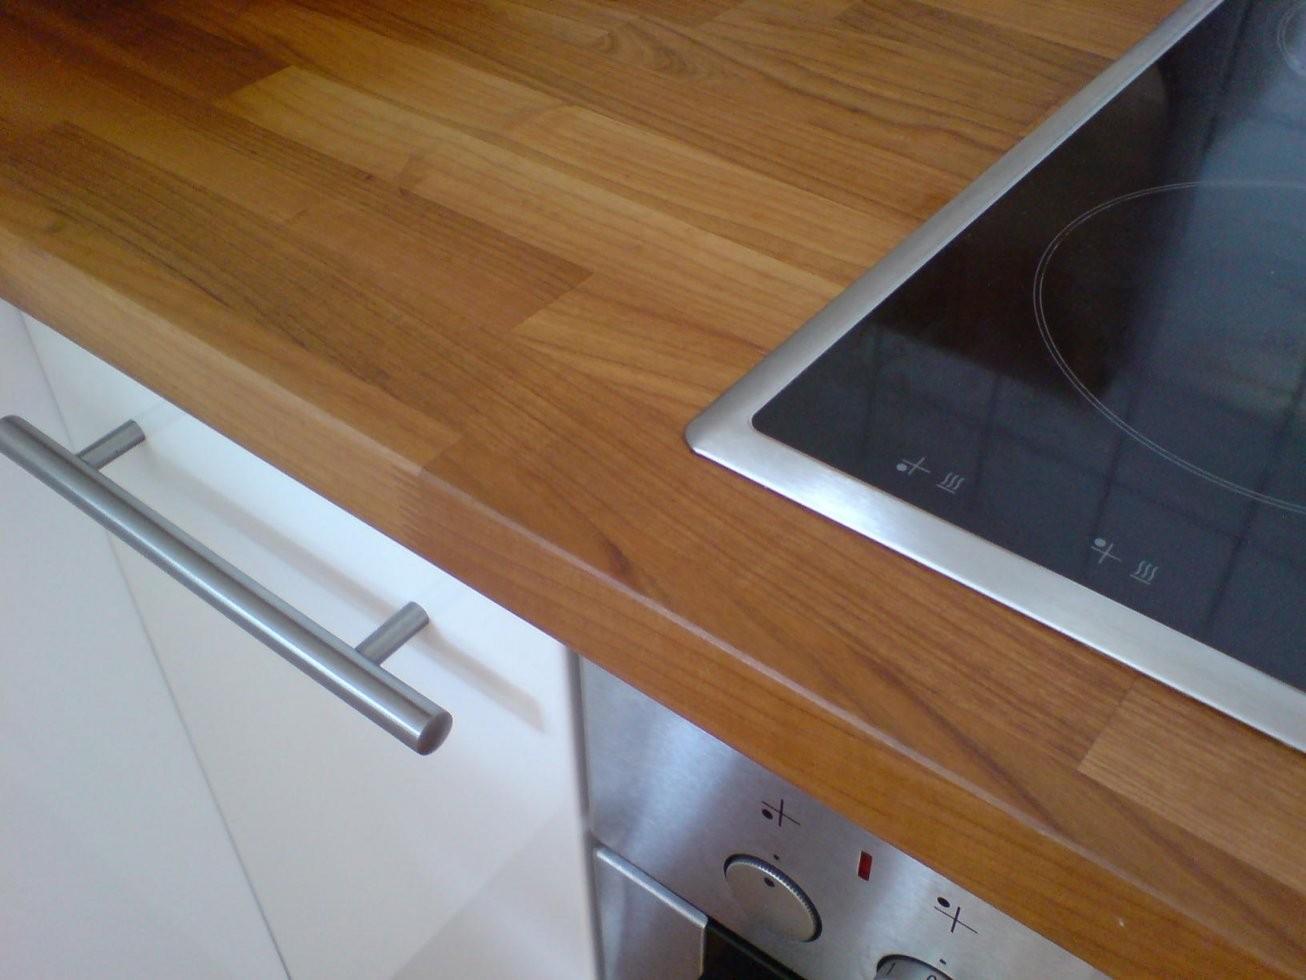 Leiste Für Küche Neue Fotografie Sockelleiste Küche Sockelleisten von Leiste Für Arbeitsplatte Küche Photo